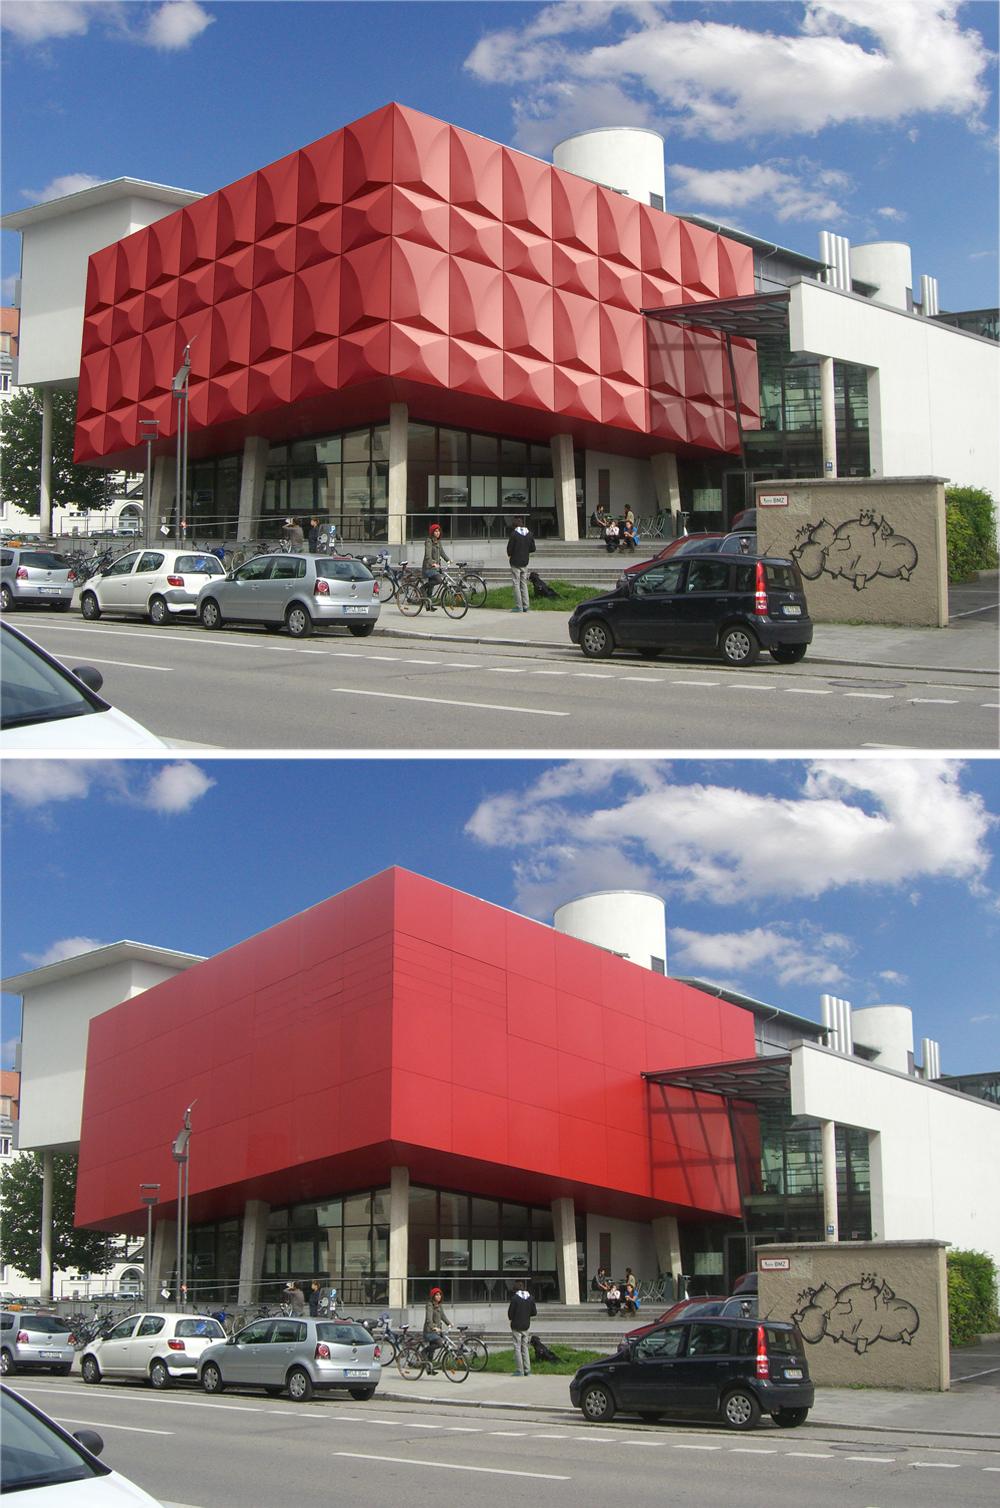 Wärmedämmung München arbeit form funktion dreidimensionale fassadenornamentik als